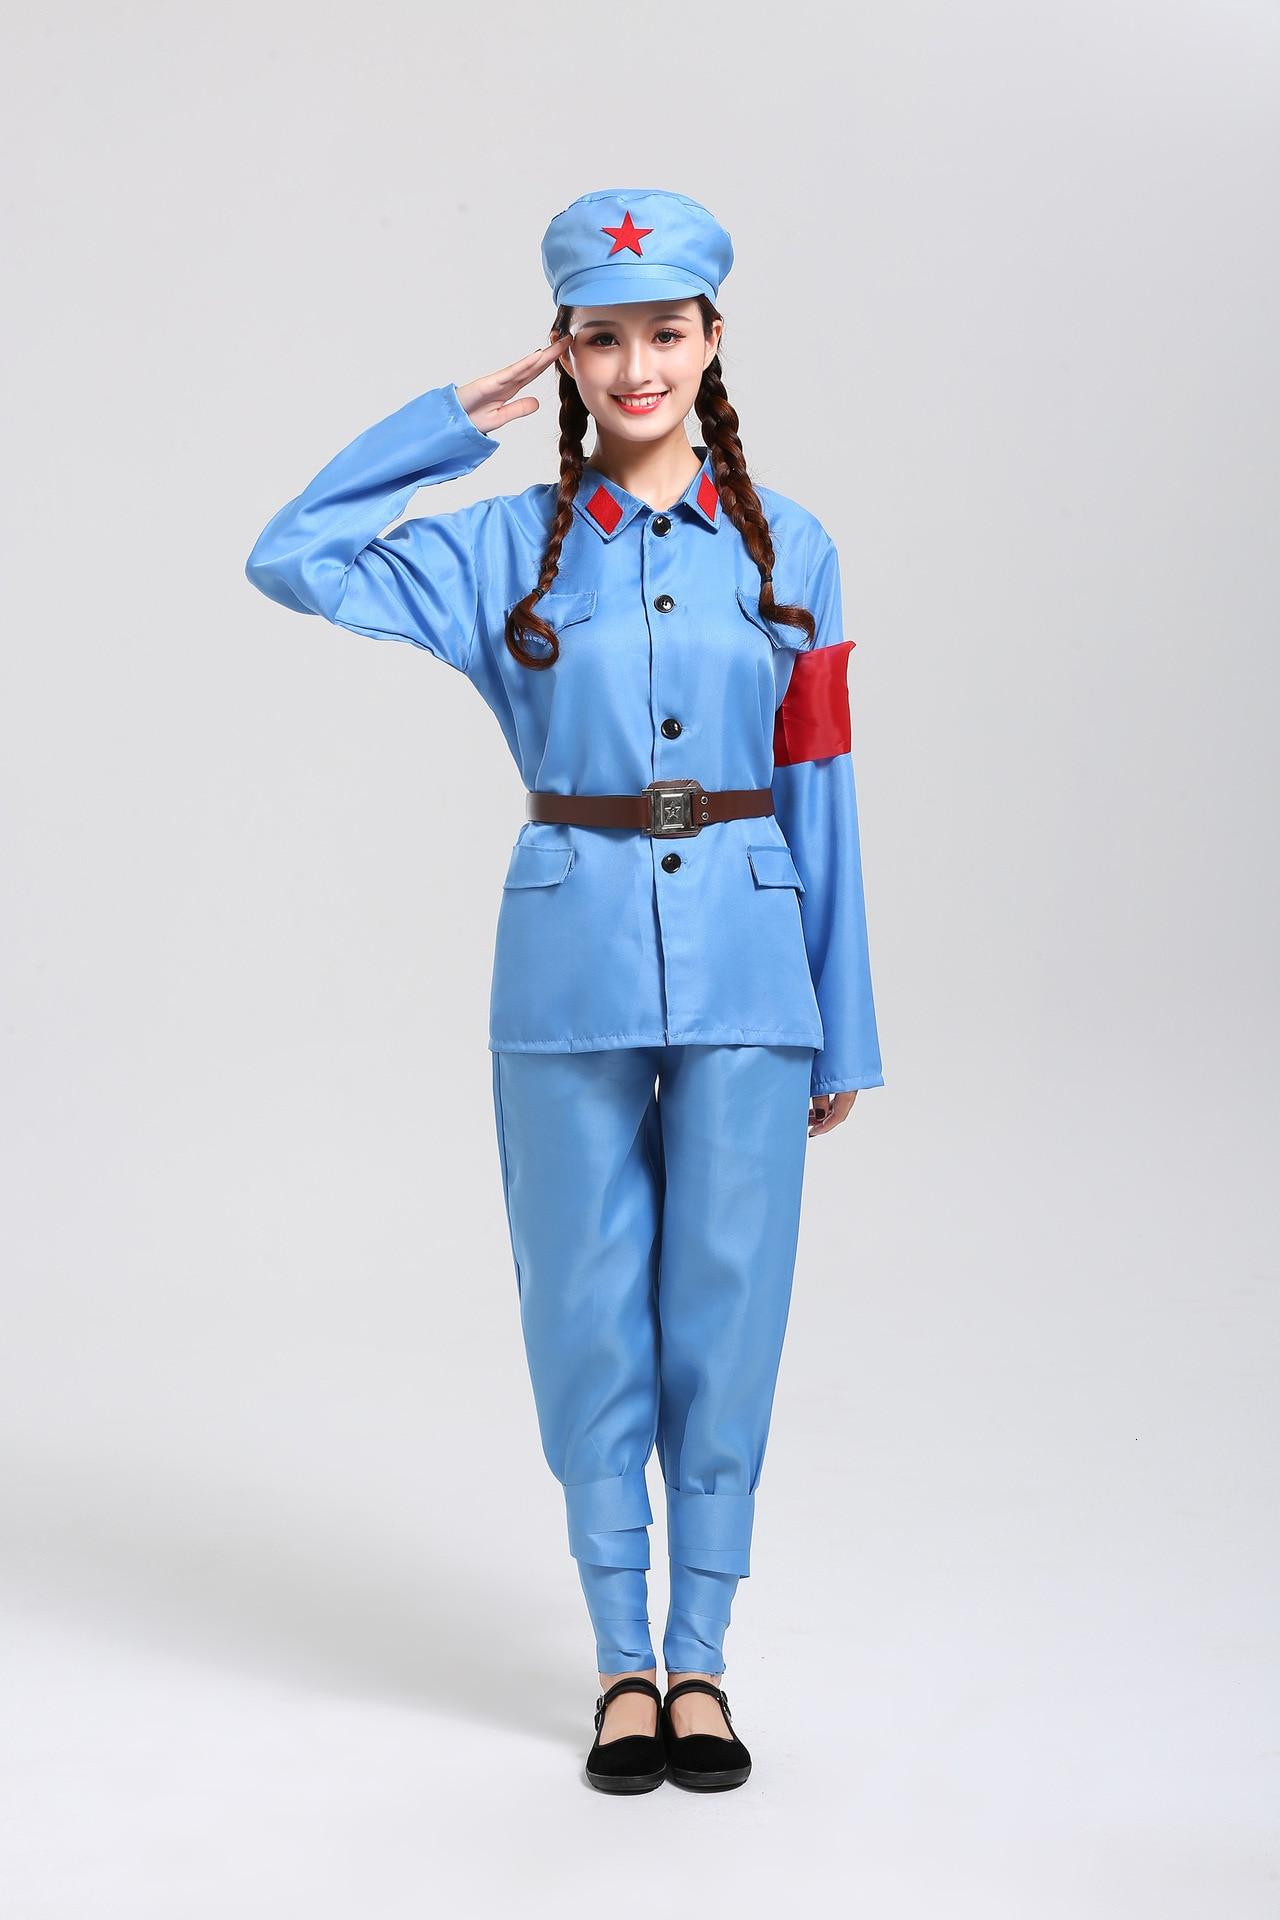 Детские тактические военные куртки, штаны, военная форма для девочек и мальчиков, охотничьи армейские танцевальные костюмы для женщин, Tatico, детская одежда для косплея, комплект - Цвет: 2